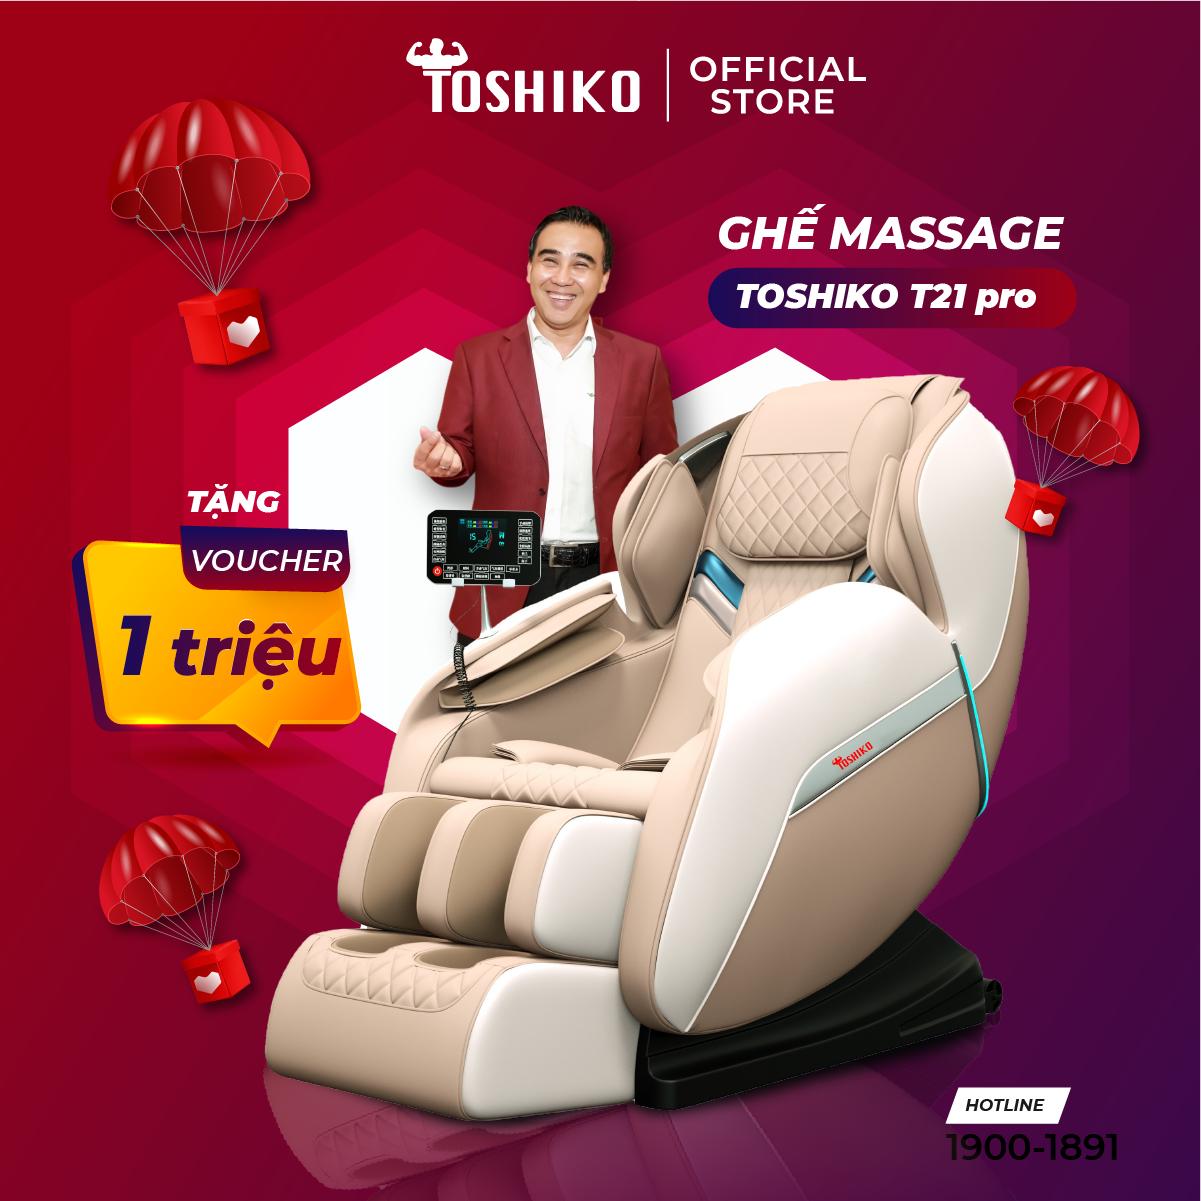 Ghế massage trị liệu toàn thân Toshiko T21 Pro hàng chính hãng, bảo hành 6 năm, miễn phí vận chuyển